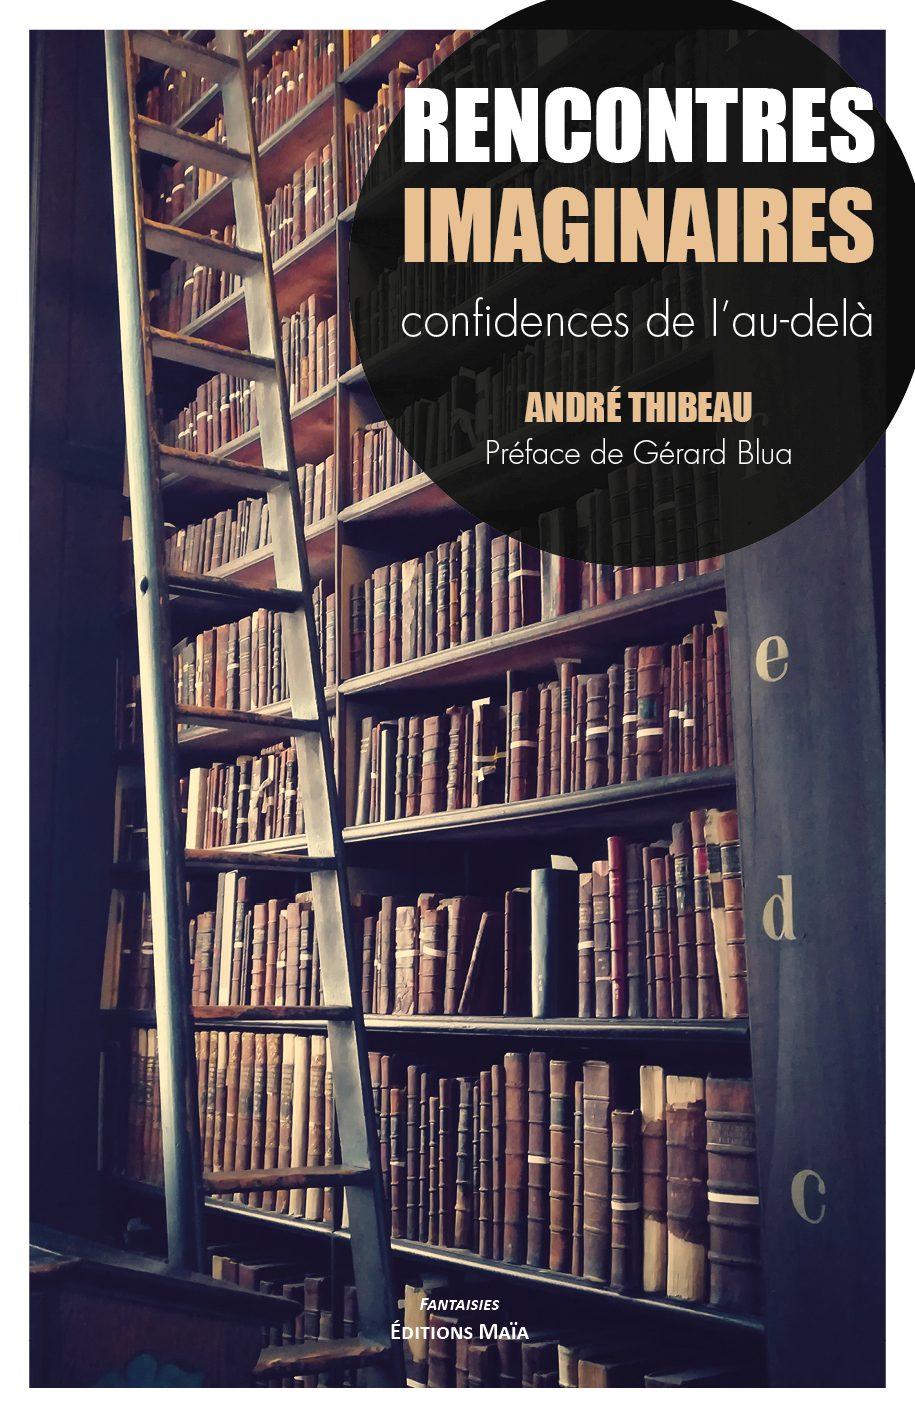 Textes inédits d'André Thibeau